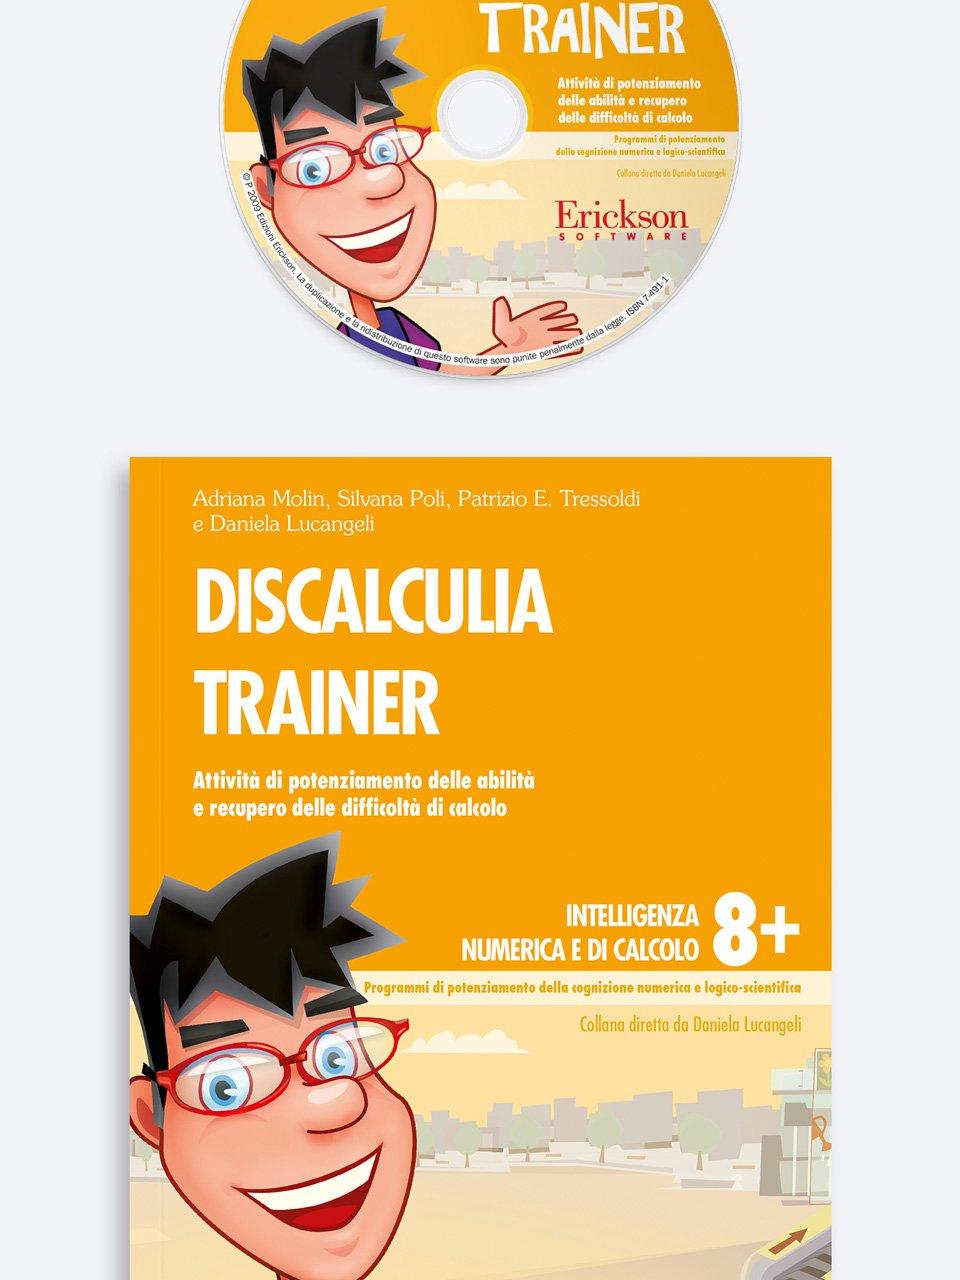 Discalculia trainer - Daniela Lucangeli - Erickson